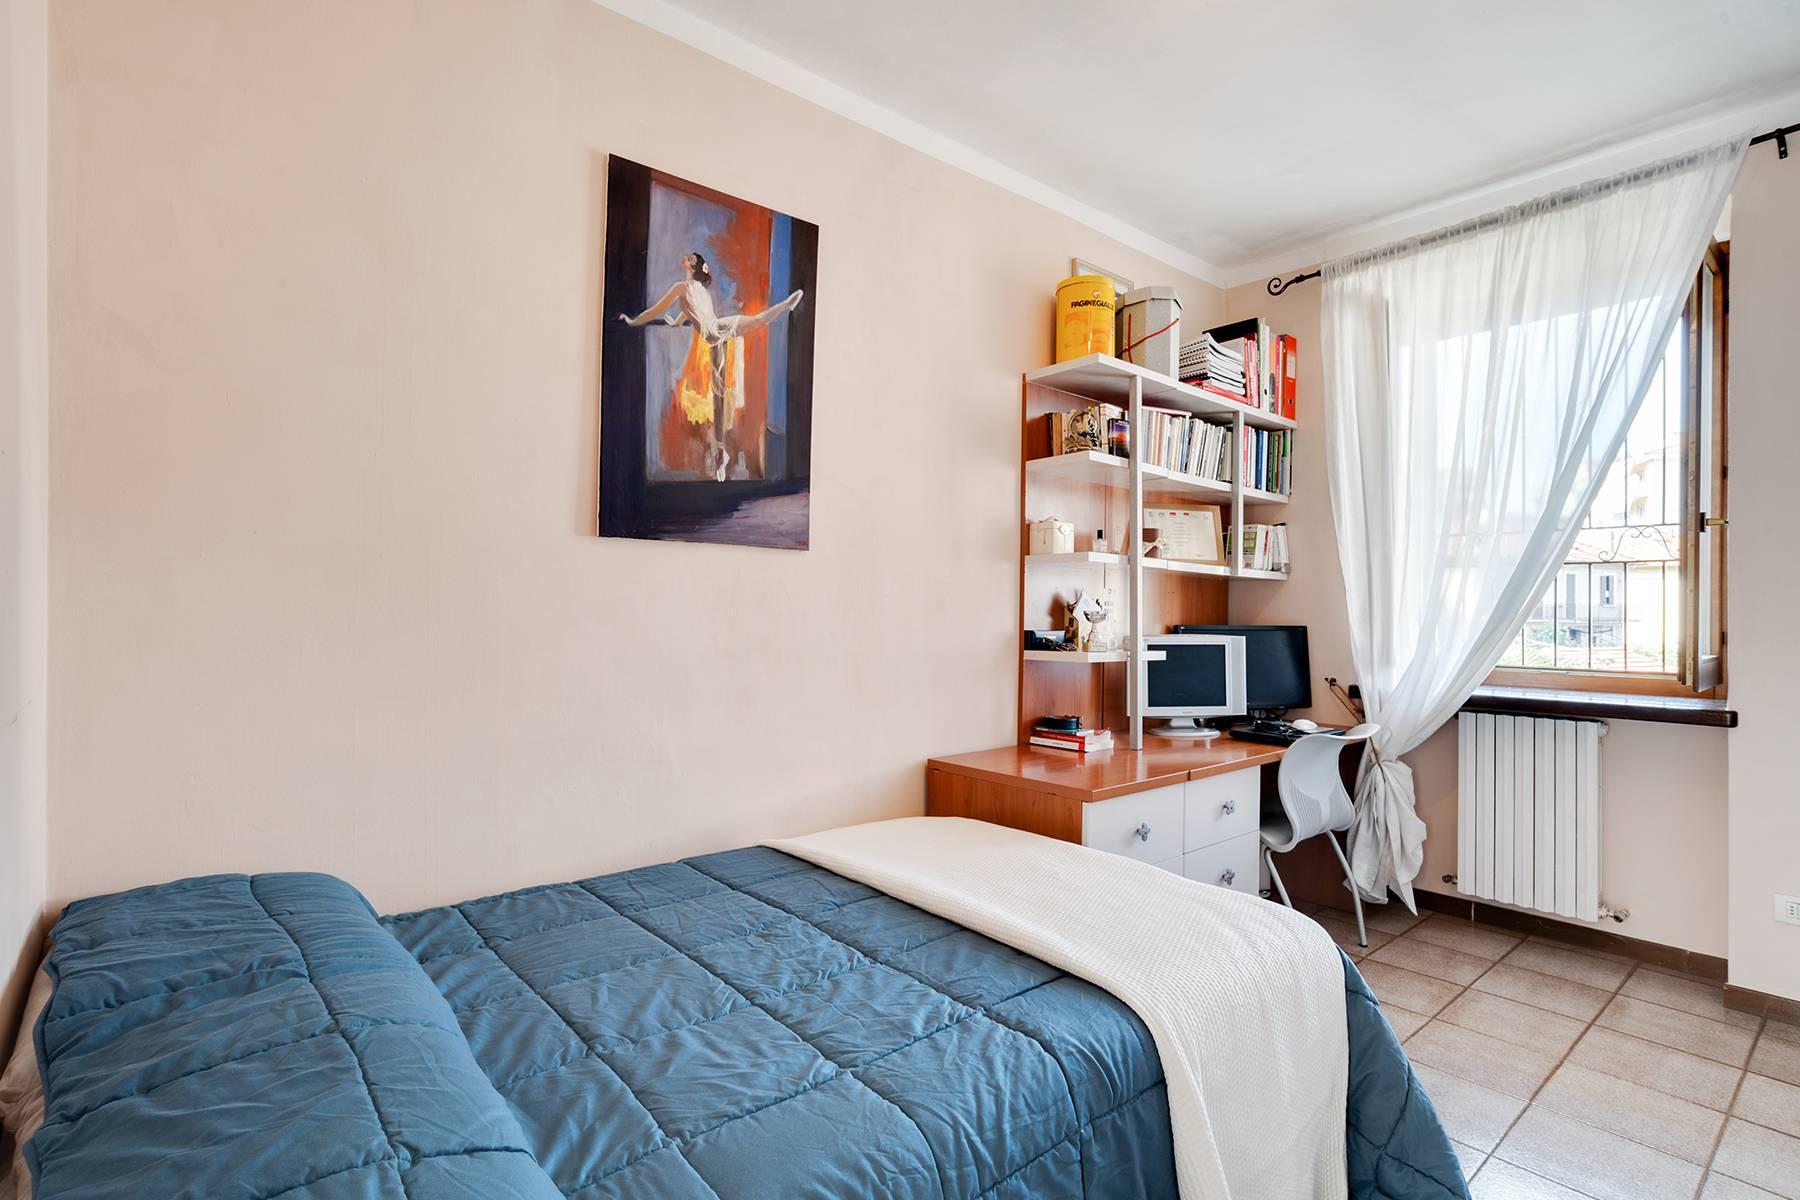 Villa in Vendita a Arona: 5 locali, 246 mq - Foto 12